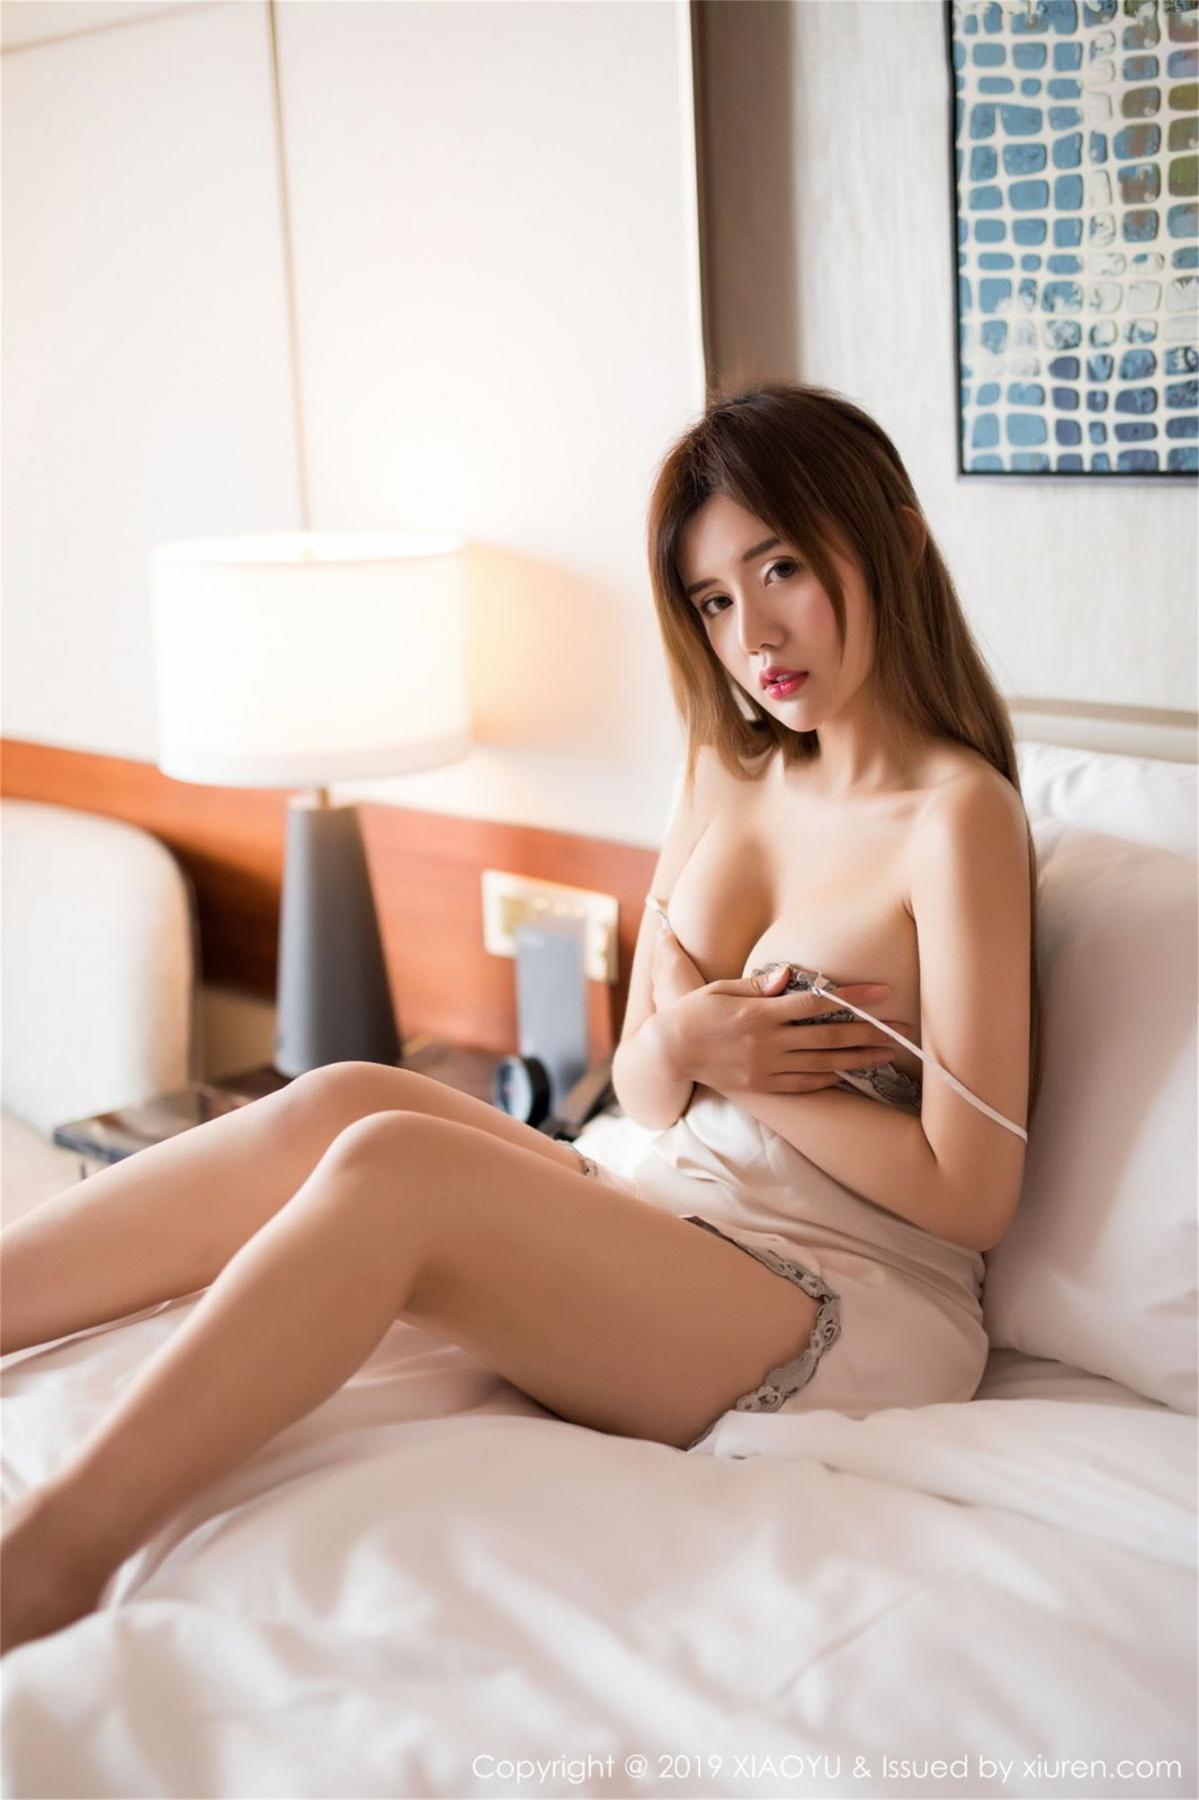 [XiaoYu] Vol.093 Zhuo Ya Qi 2P, Underwear, XiaoYu, Zhuo Ya Qi